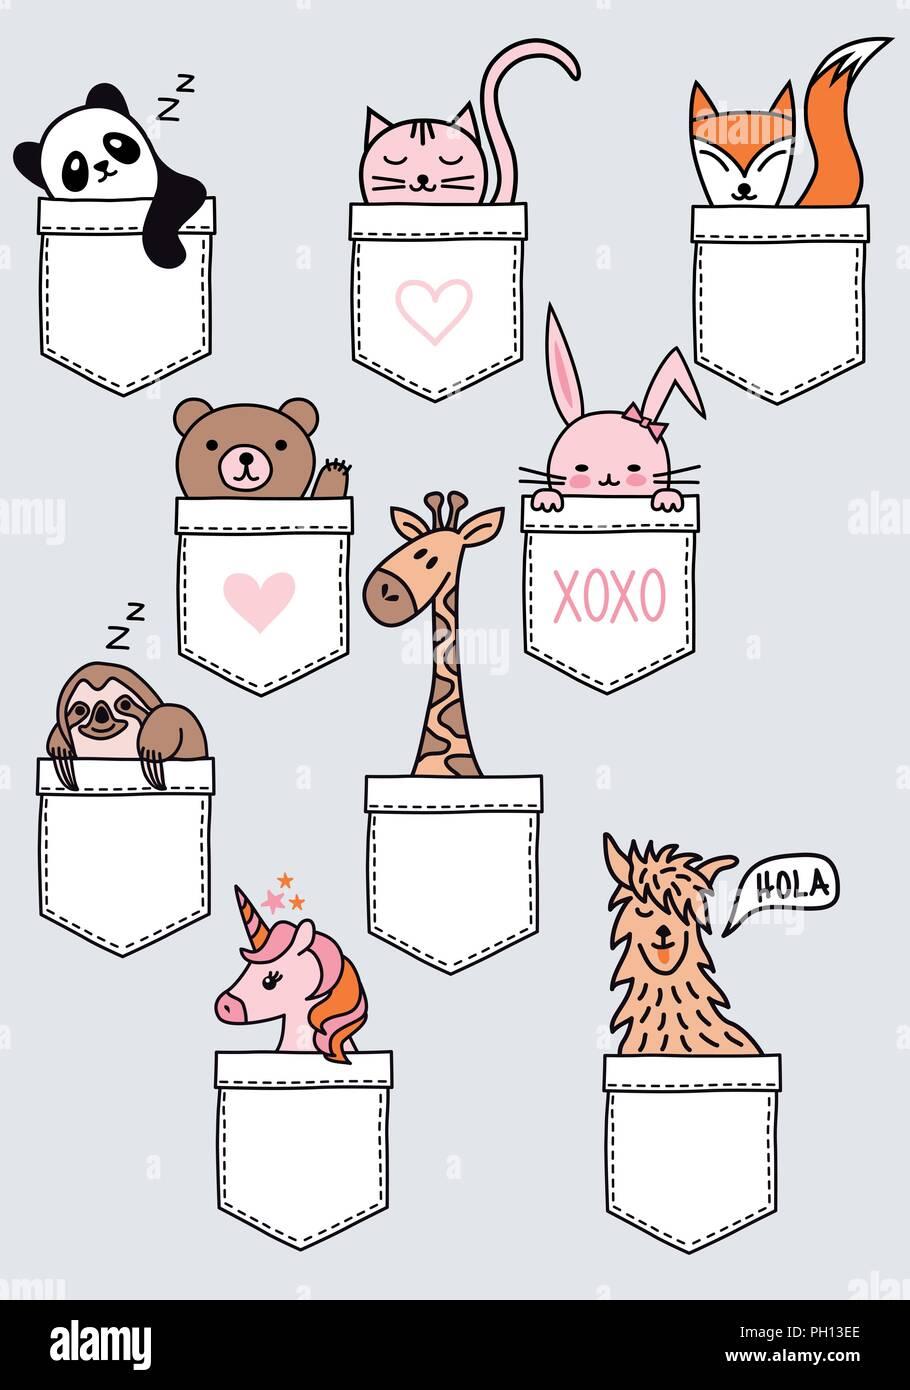 Mignon bébé animaux assis dans une poche, panda, ours, chat, lapin, renard, la paresse, la girafe, unicorn, lama, ensemble d'éléments de conception vectorielle Illustration de Vecteur